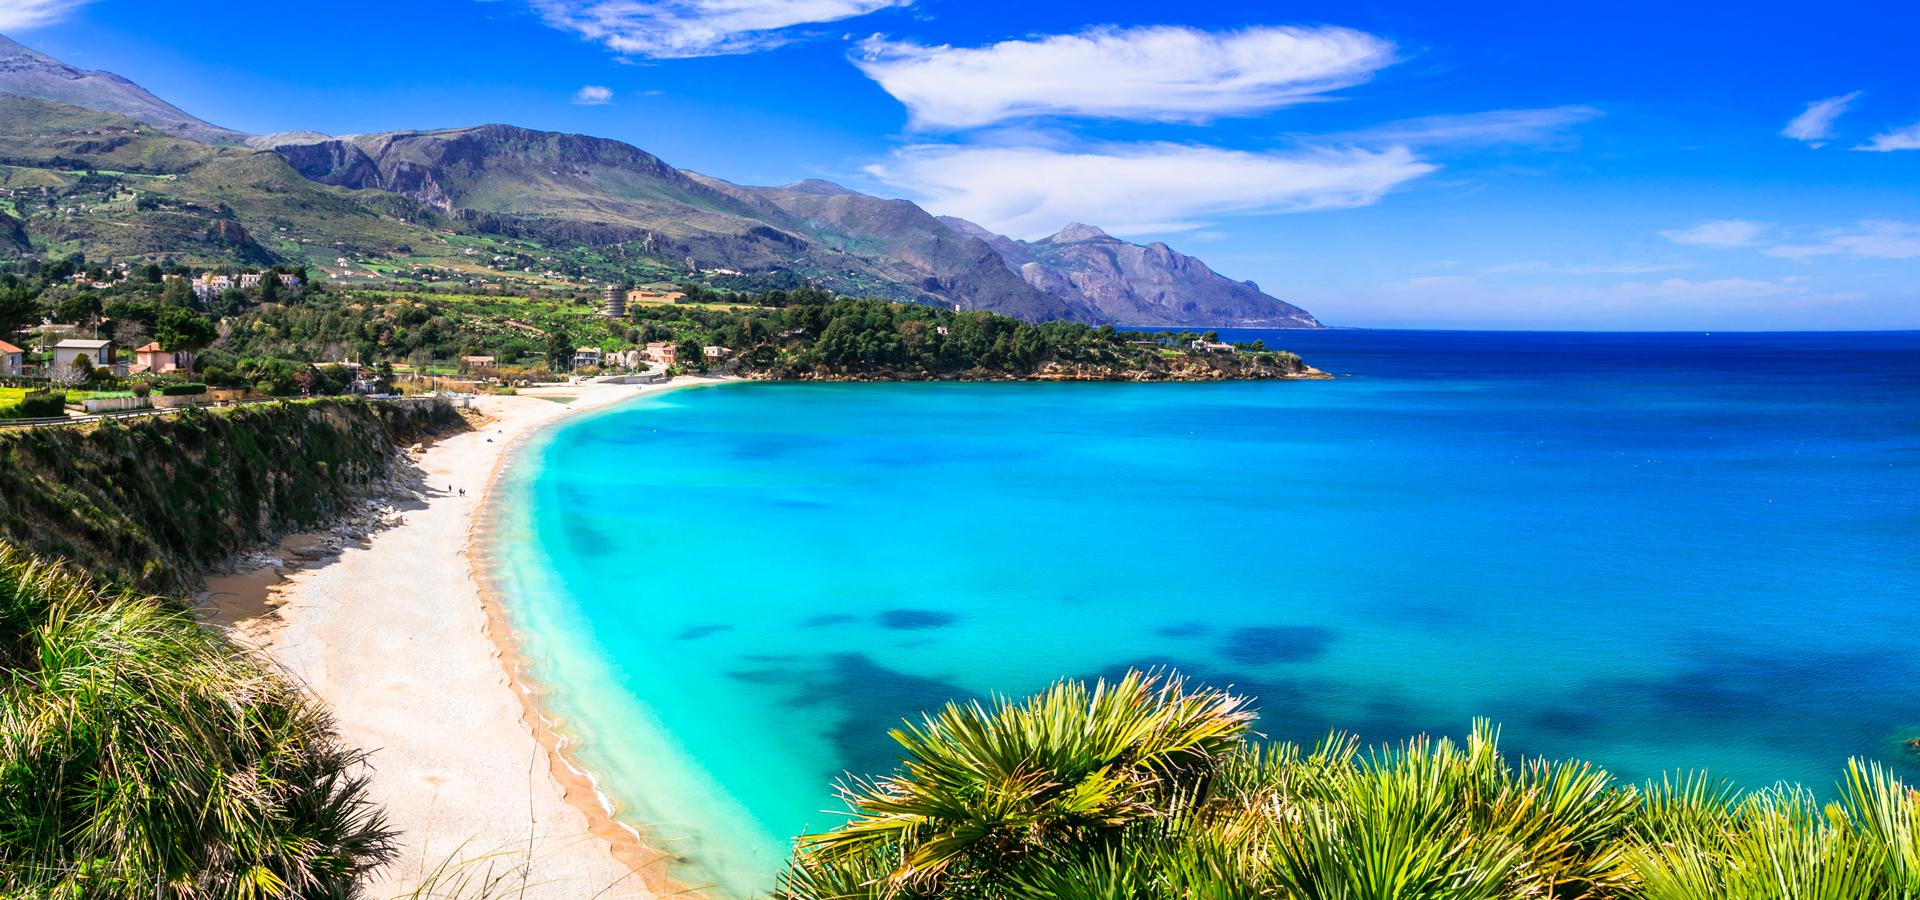 SCOPELLO_Sicilia_AdobeStock_197523236